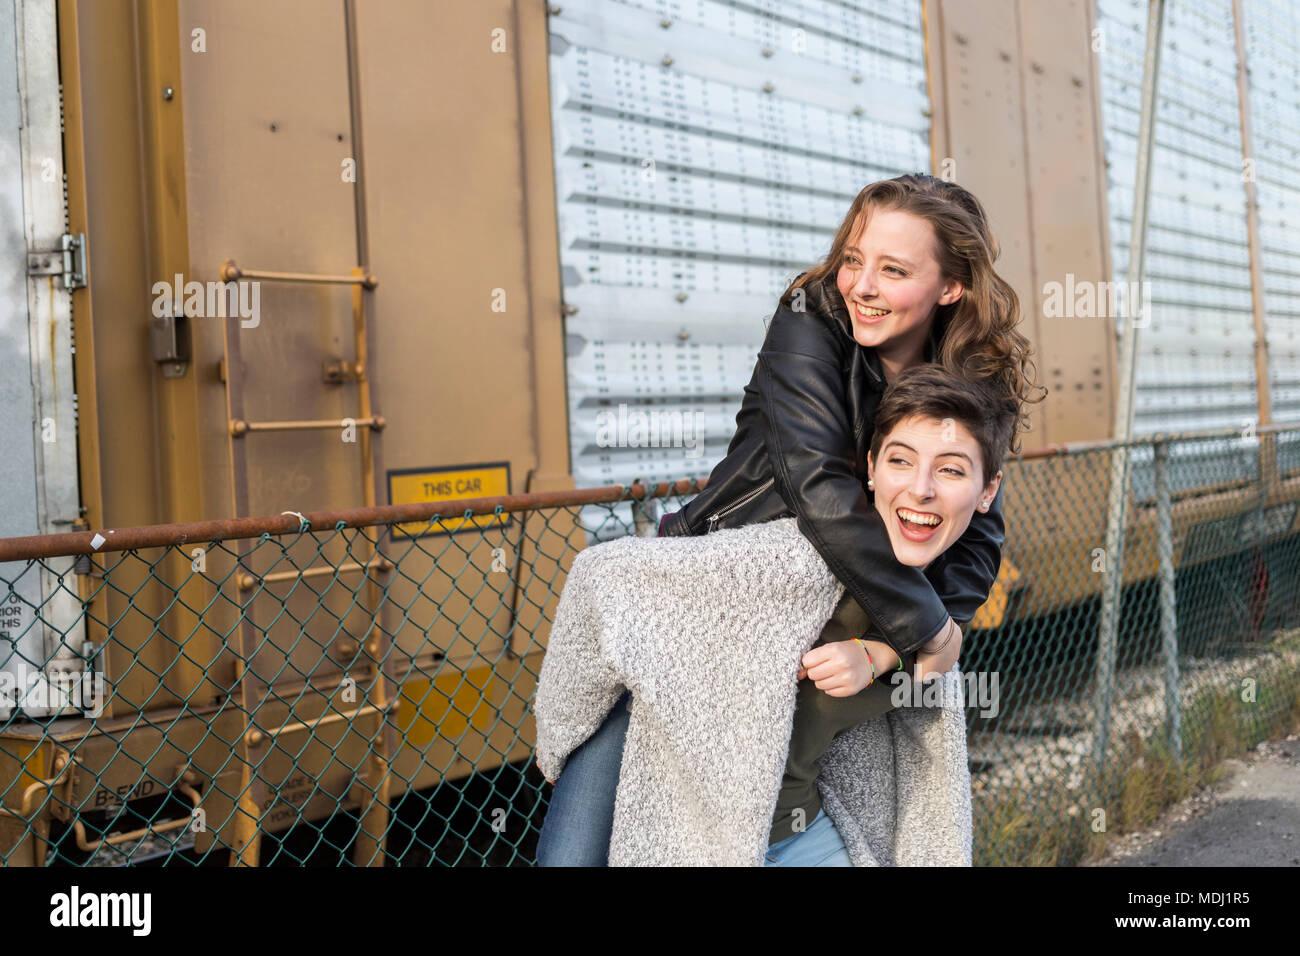 Deux jeunes femmes dans une posture ludique à côté d'une voiture de train; New Westminster, Colombie-Britannique, Canada Photo Stock